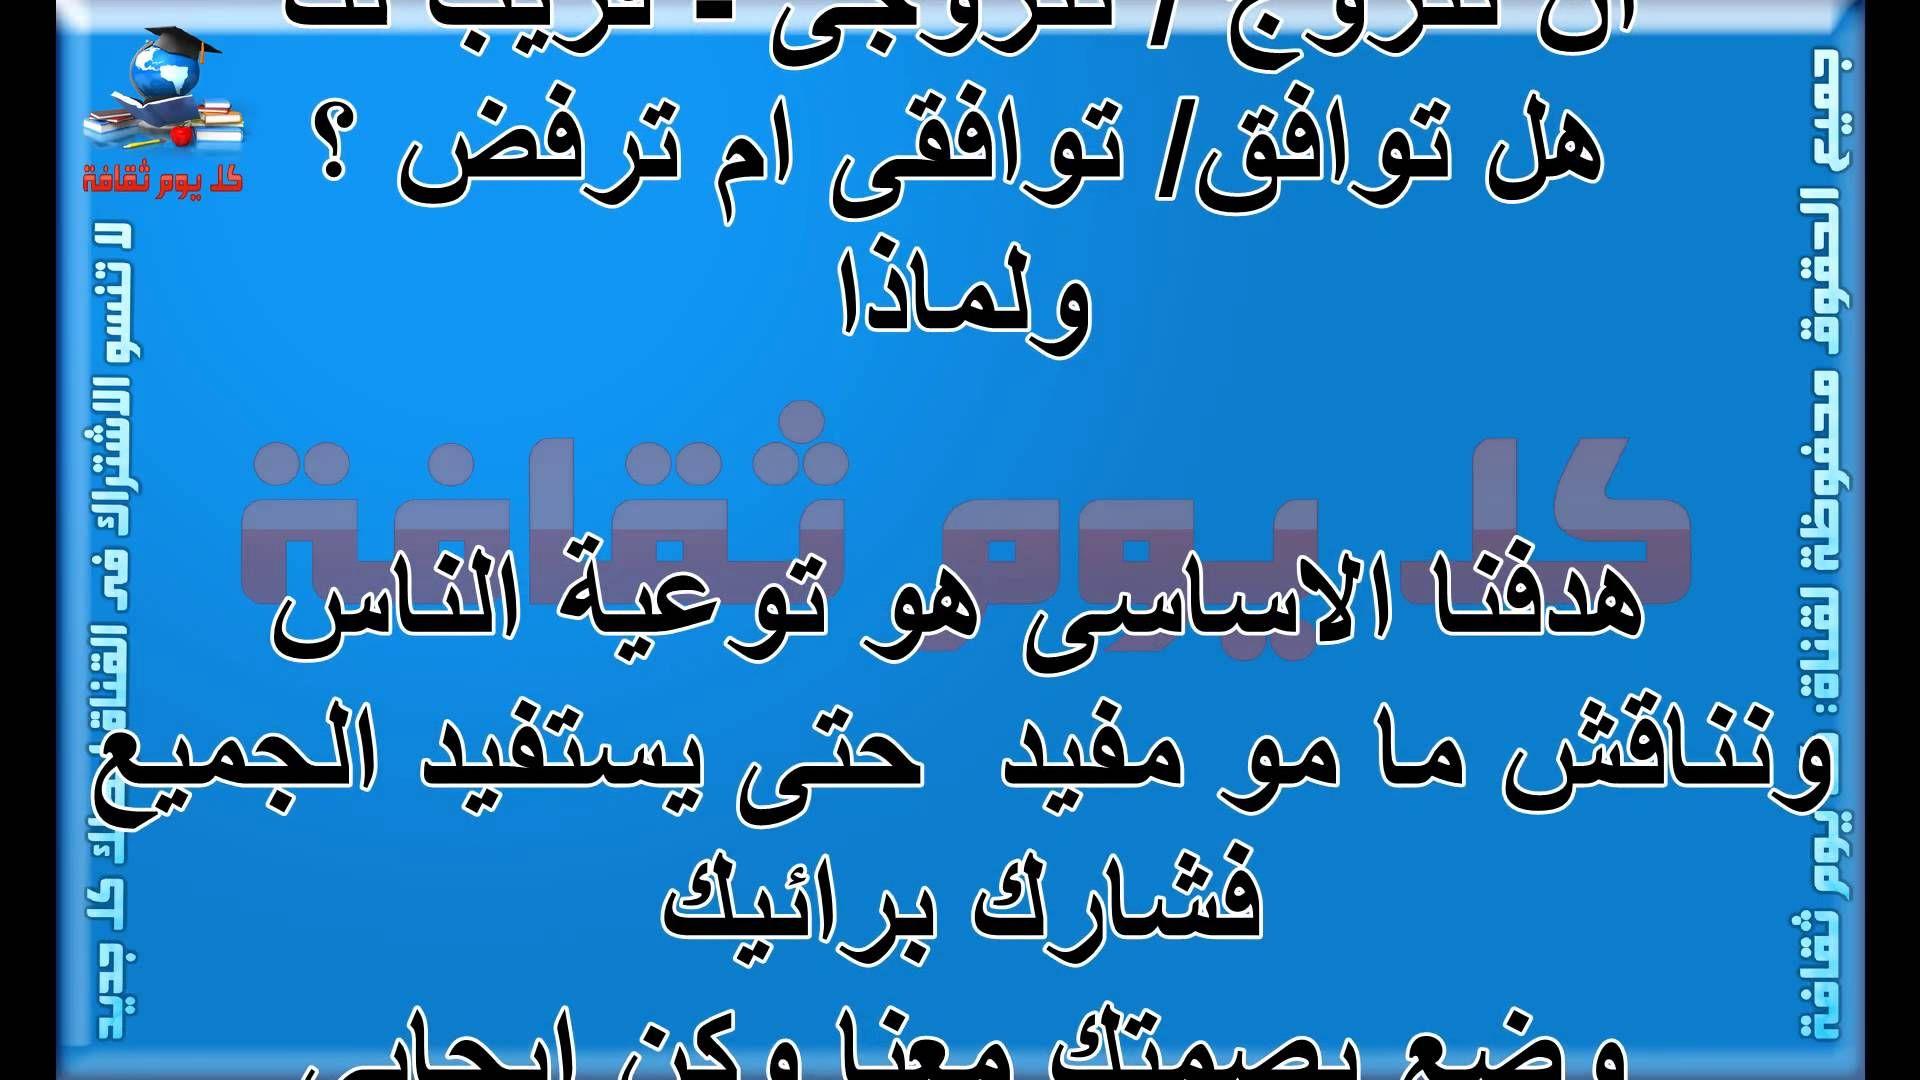 موضوع للنقاش مع ام ضد زواج الأقارب شارك برأيك معنا مواضيع اجتماعية Arabic Calligraphy Calligraphy